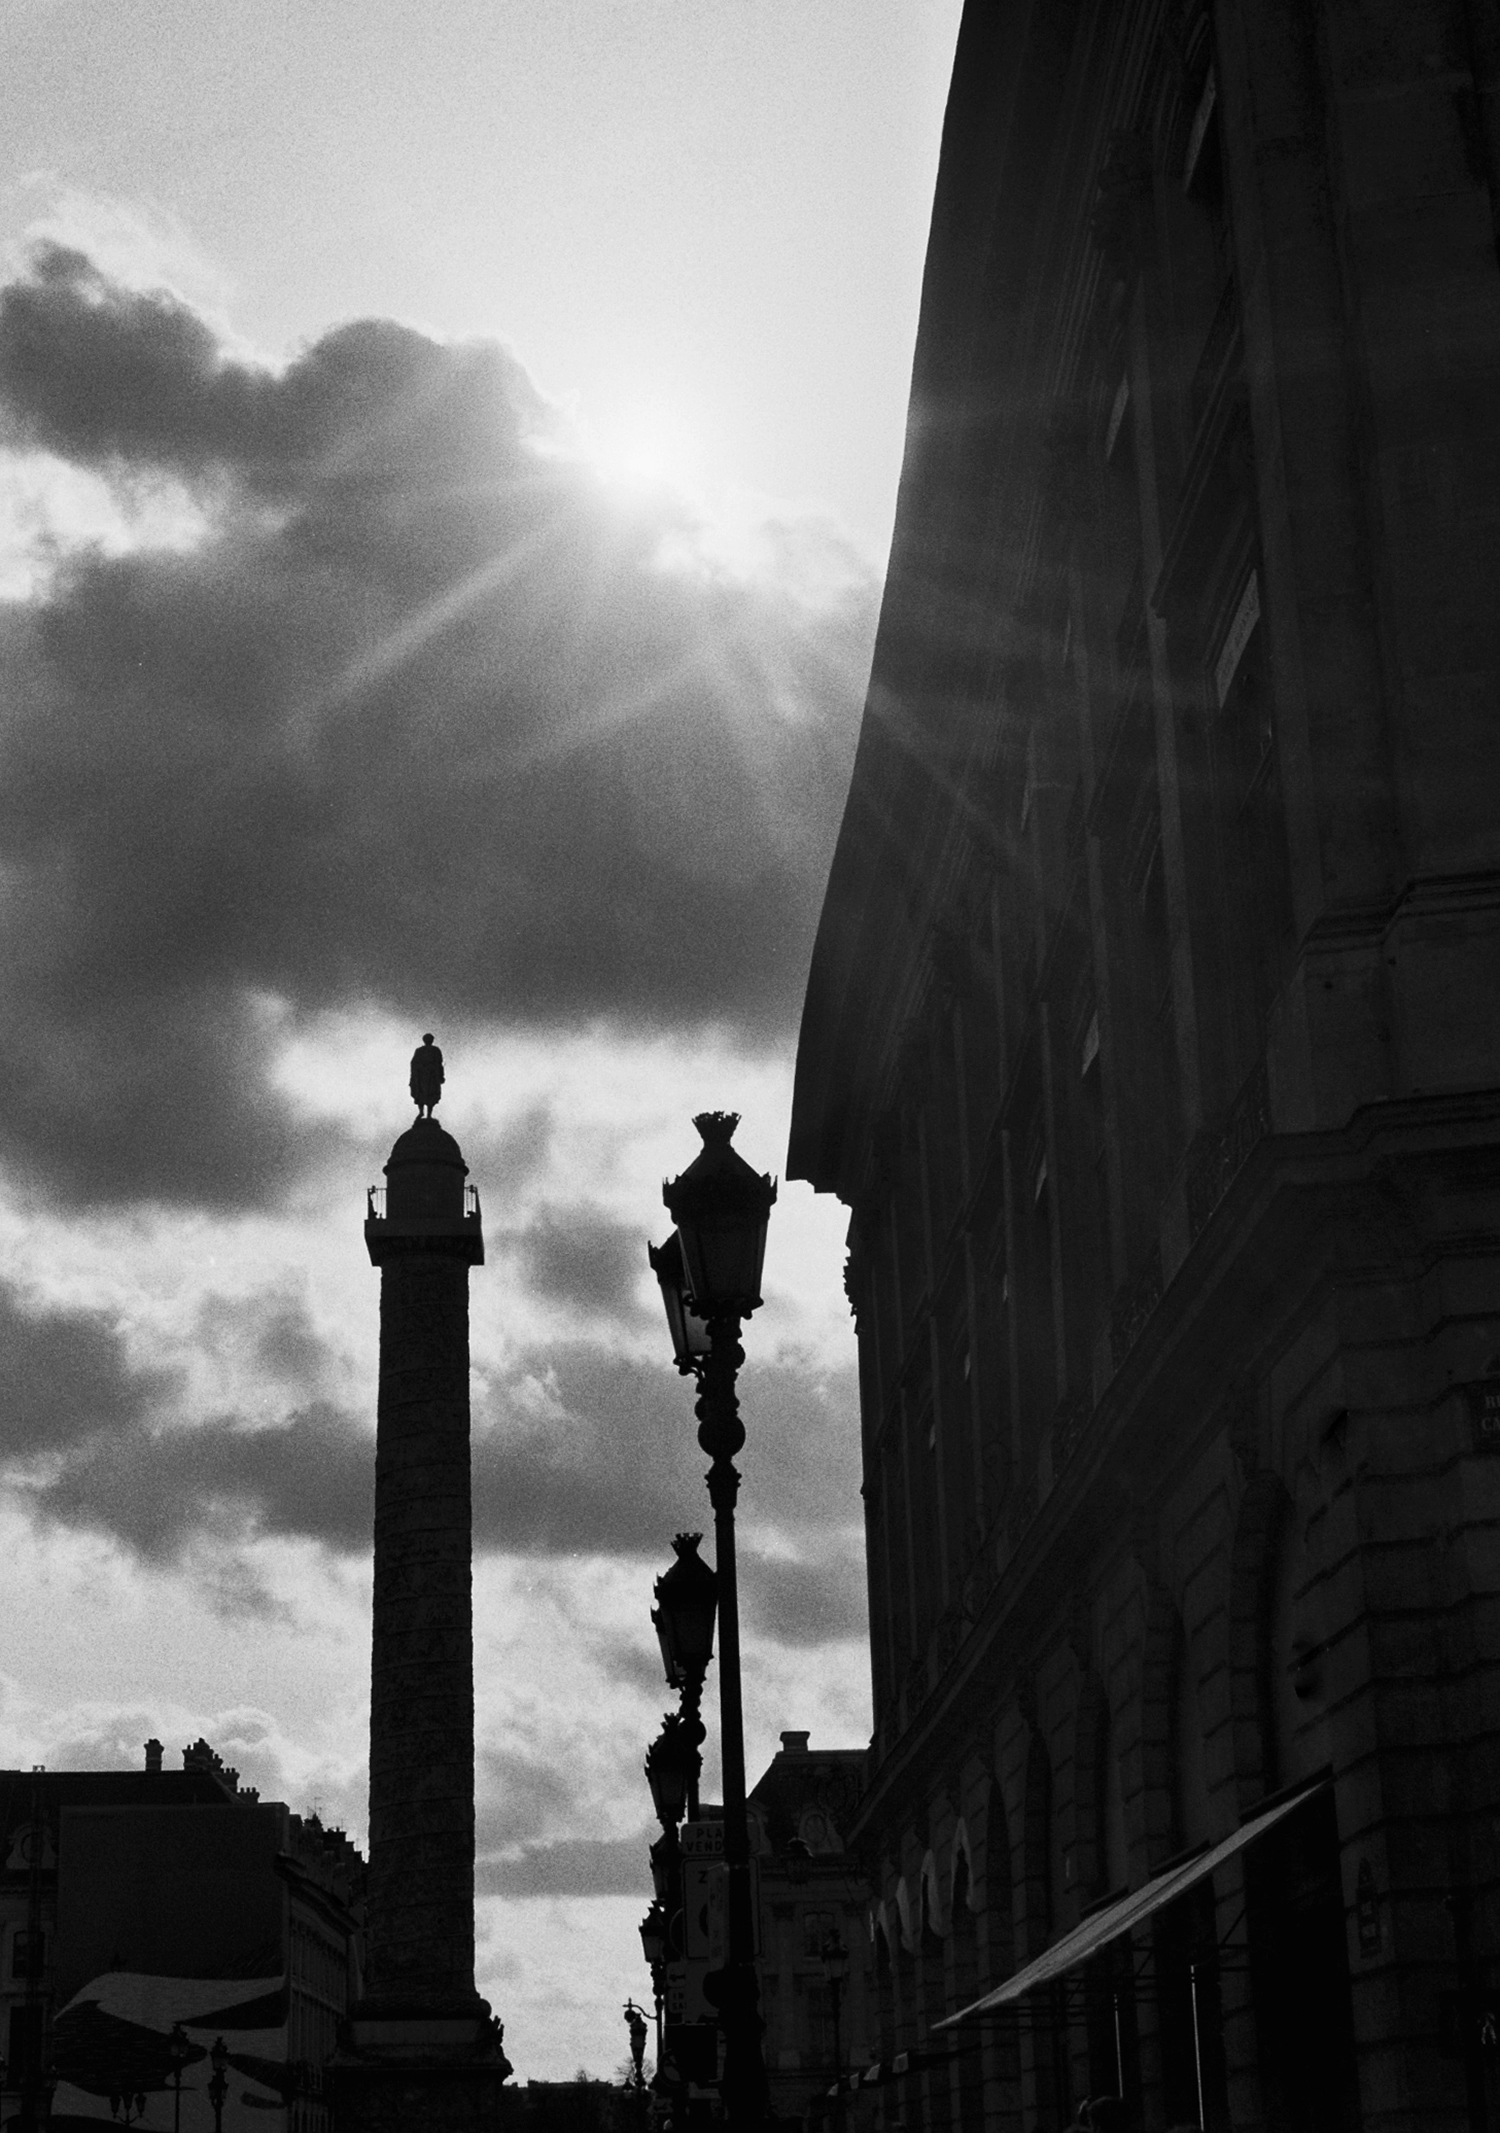 Paris_In_the_Winter051